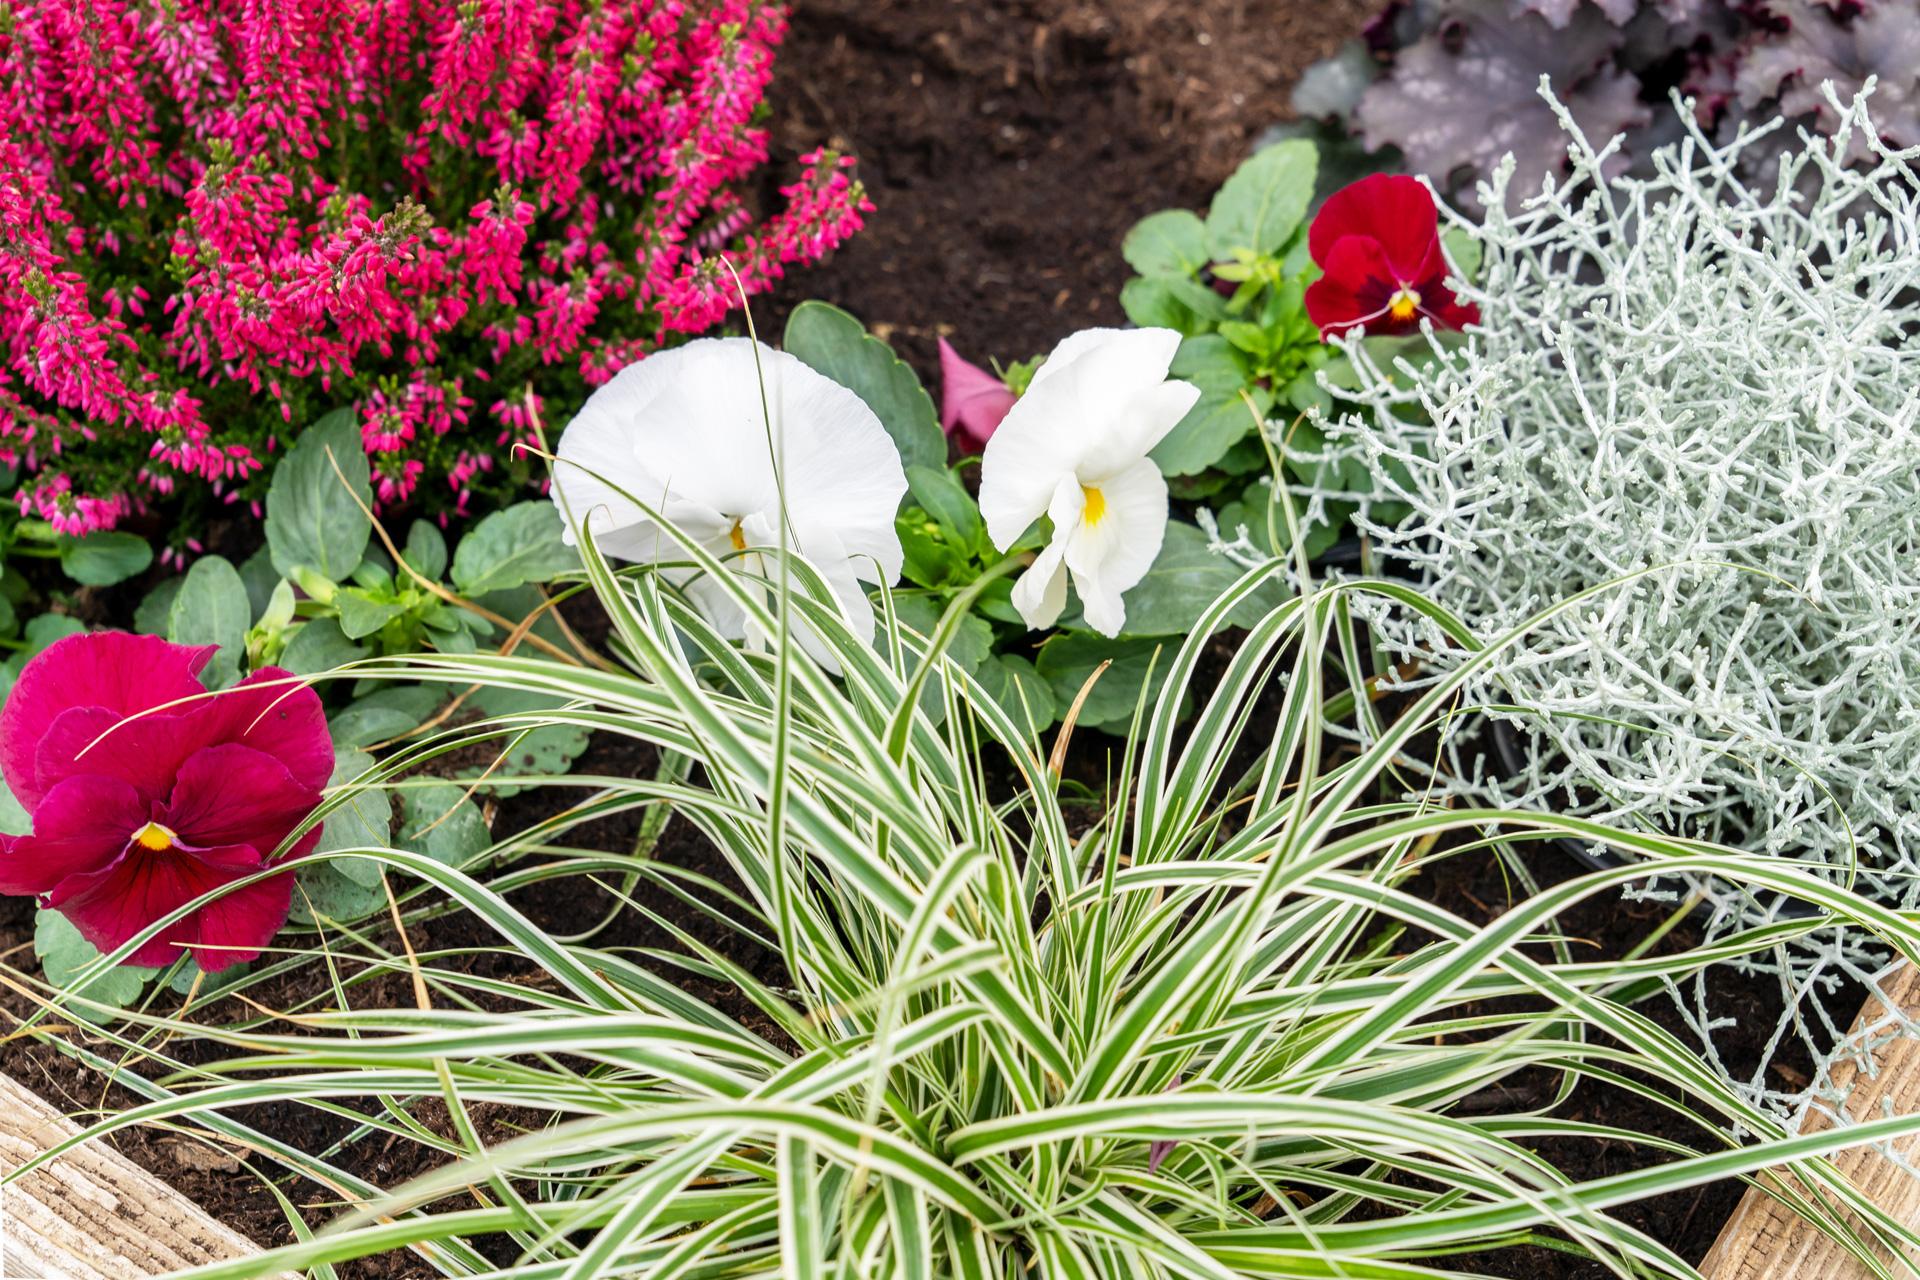 Rote Besenheide mit Viola, Gras und Stacheldraht